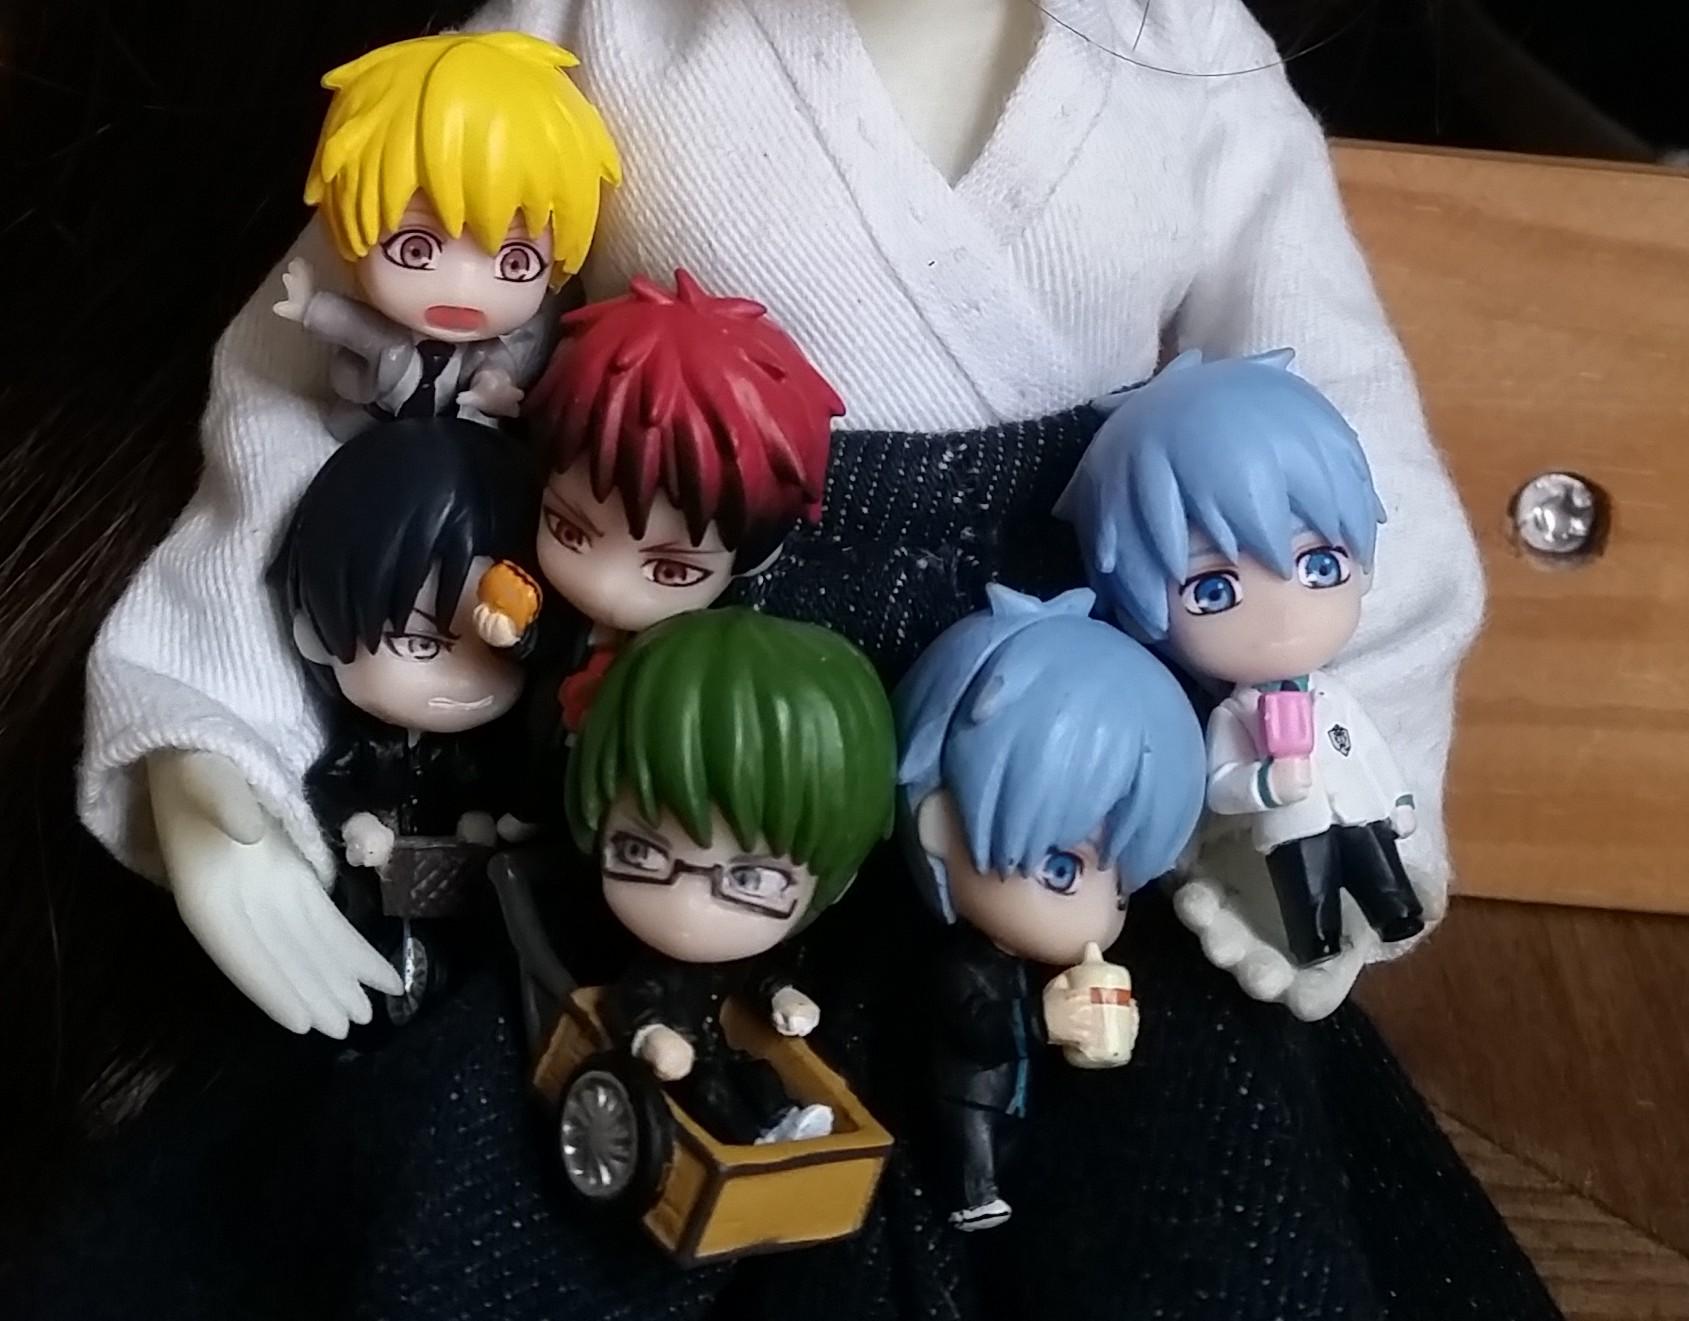 mitchie's Kuroko nendoroid